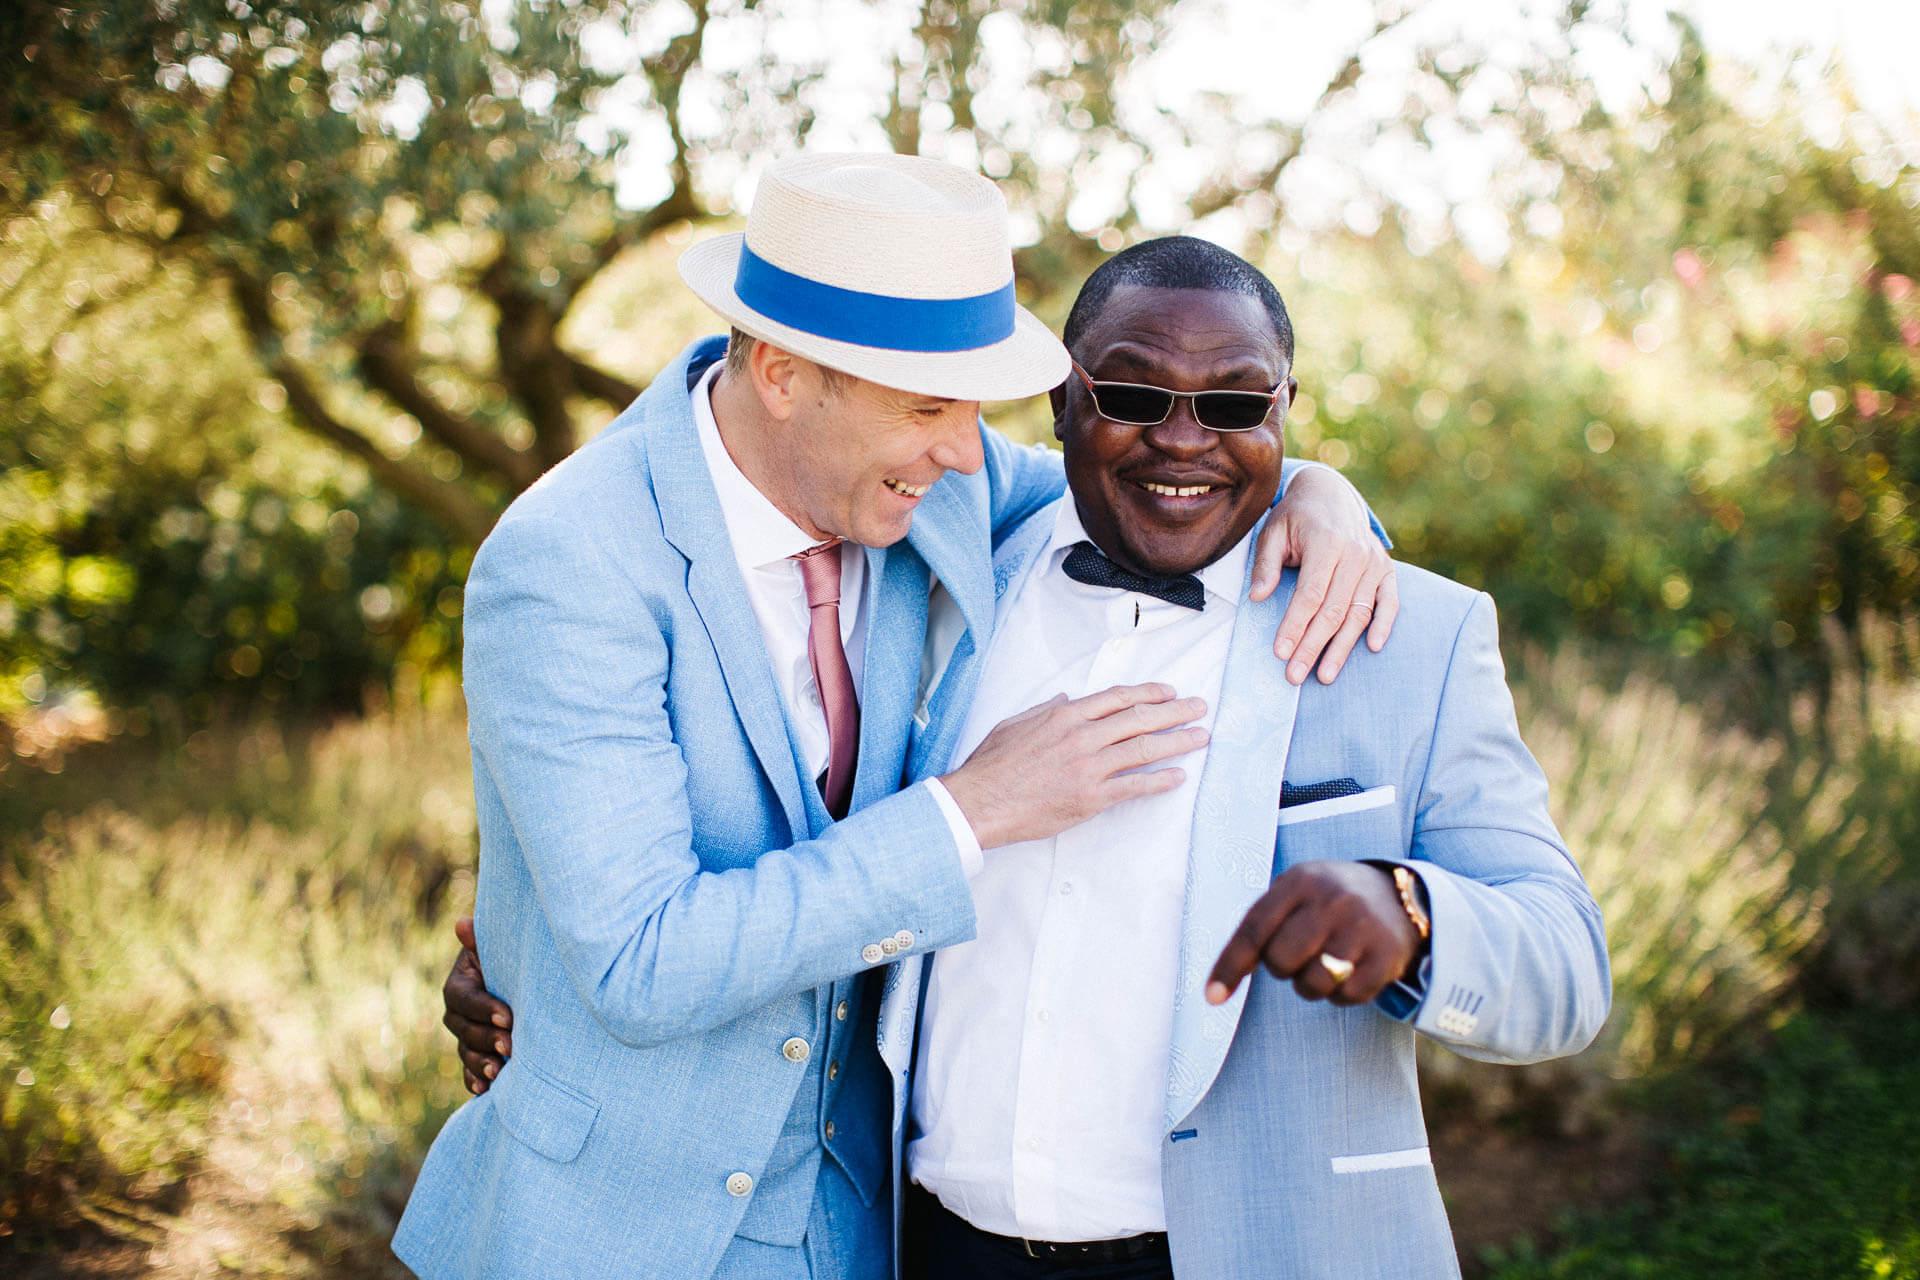 photographe-mariage-provence-40